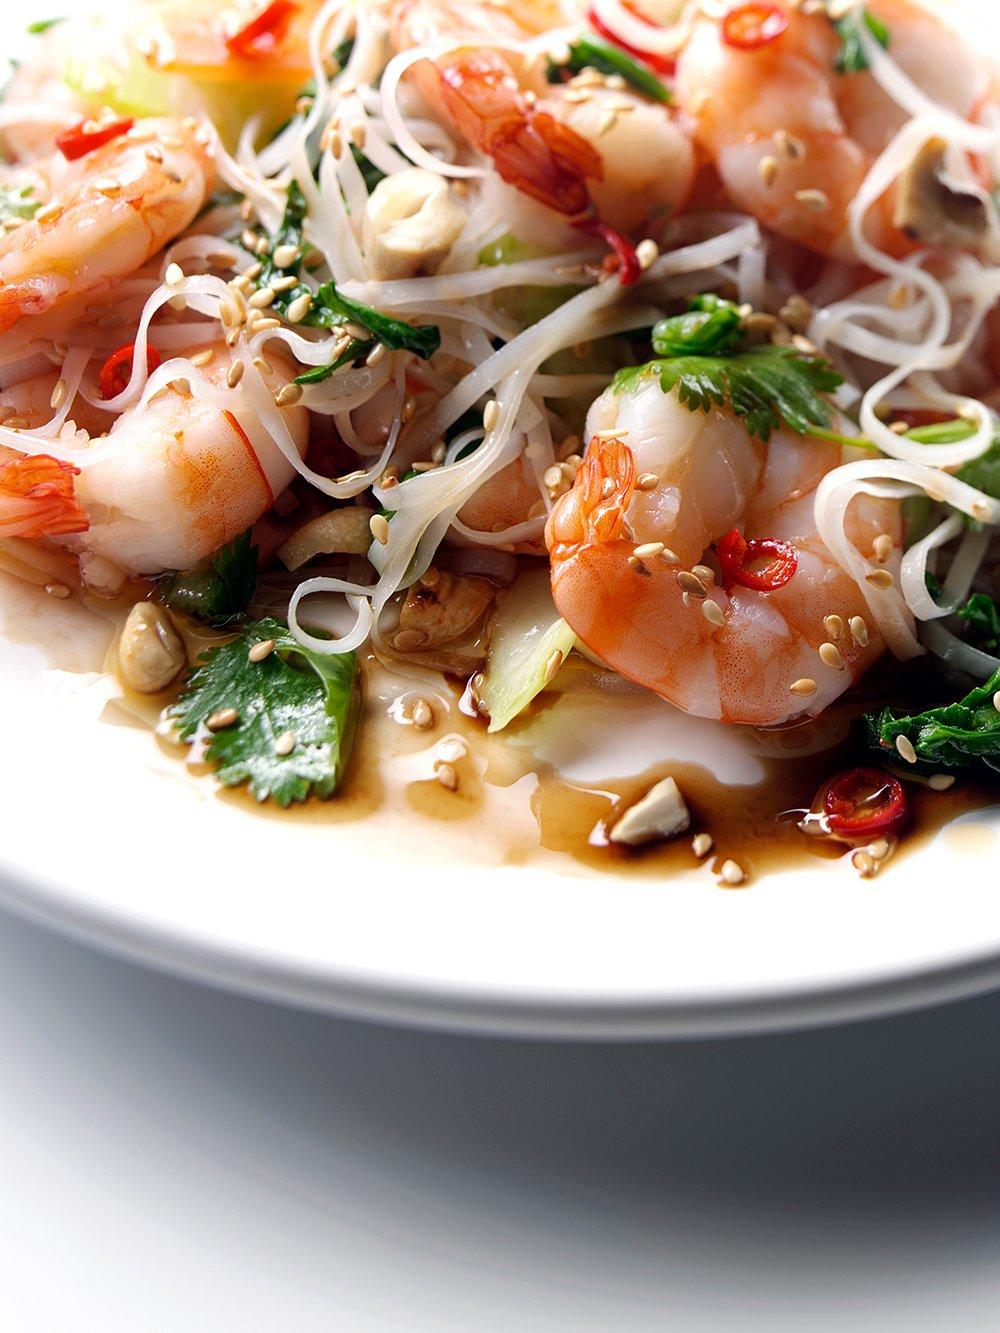 Tiger prawn Thai salad